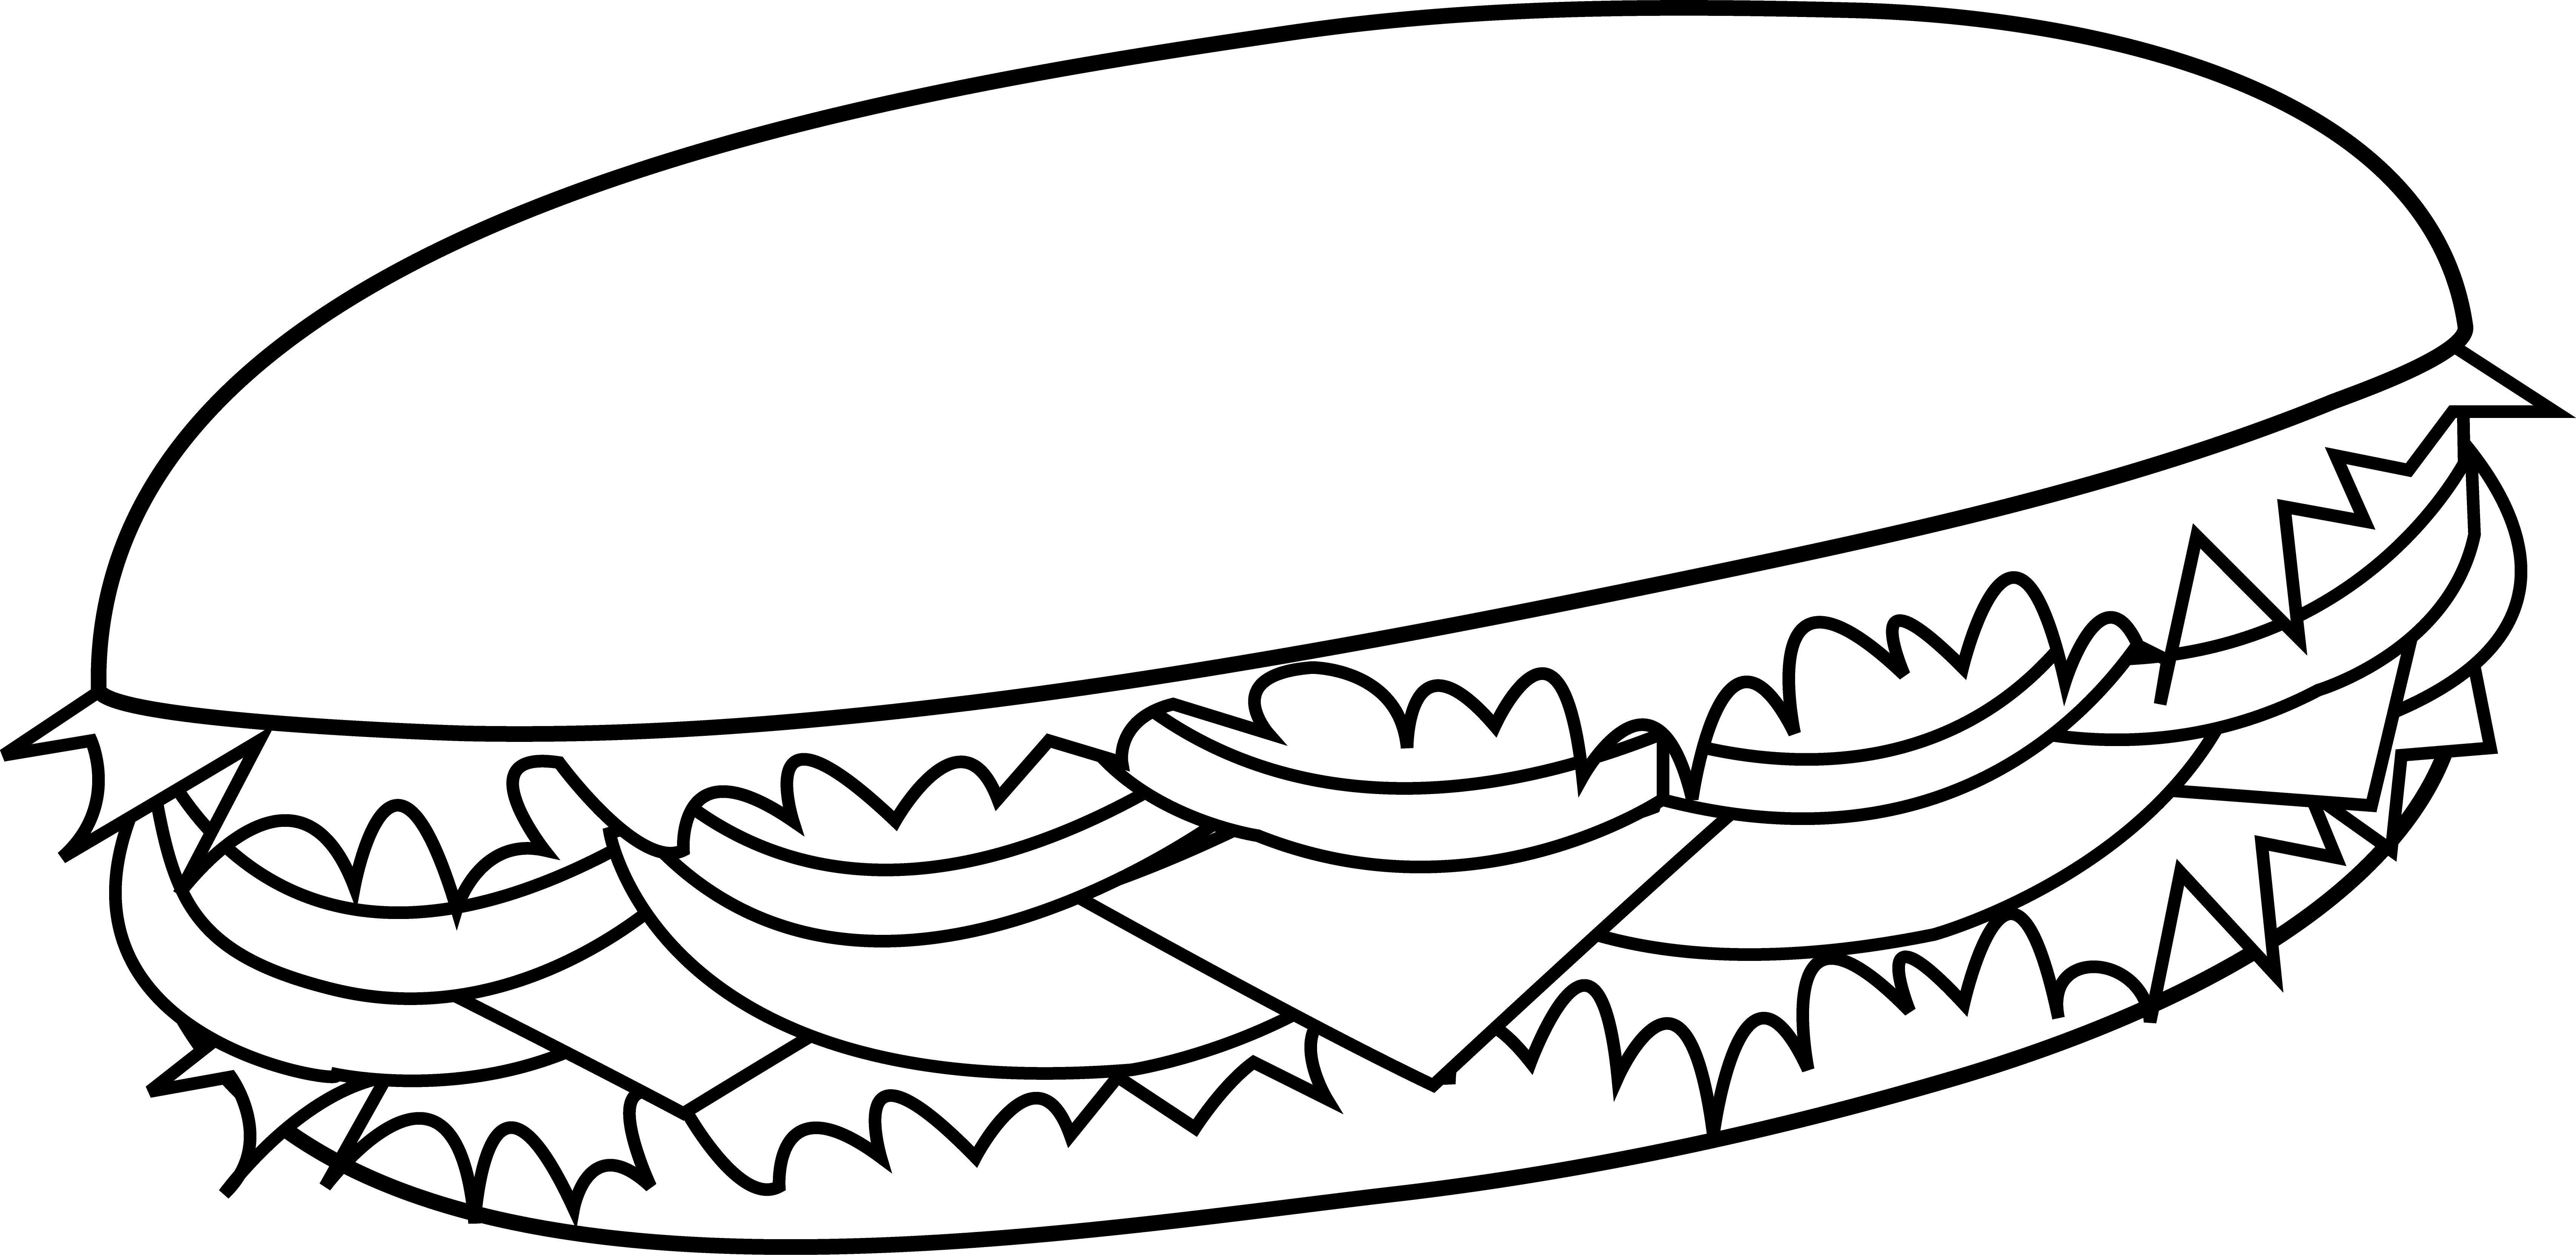 Сэндвичи. Еда. Раскраски на тему еда. Раскраски для детей и малышей на тему еда, с изображениями аппетитных сэндвичей. Раскраски с едой.